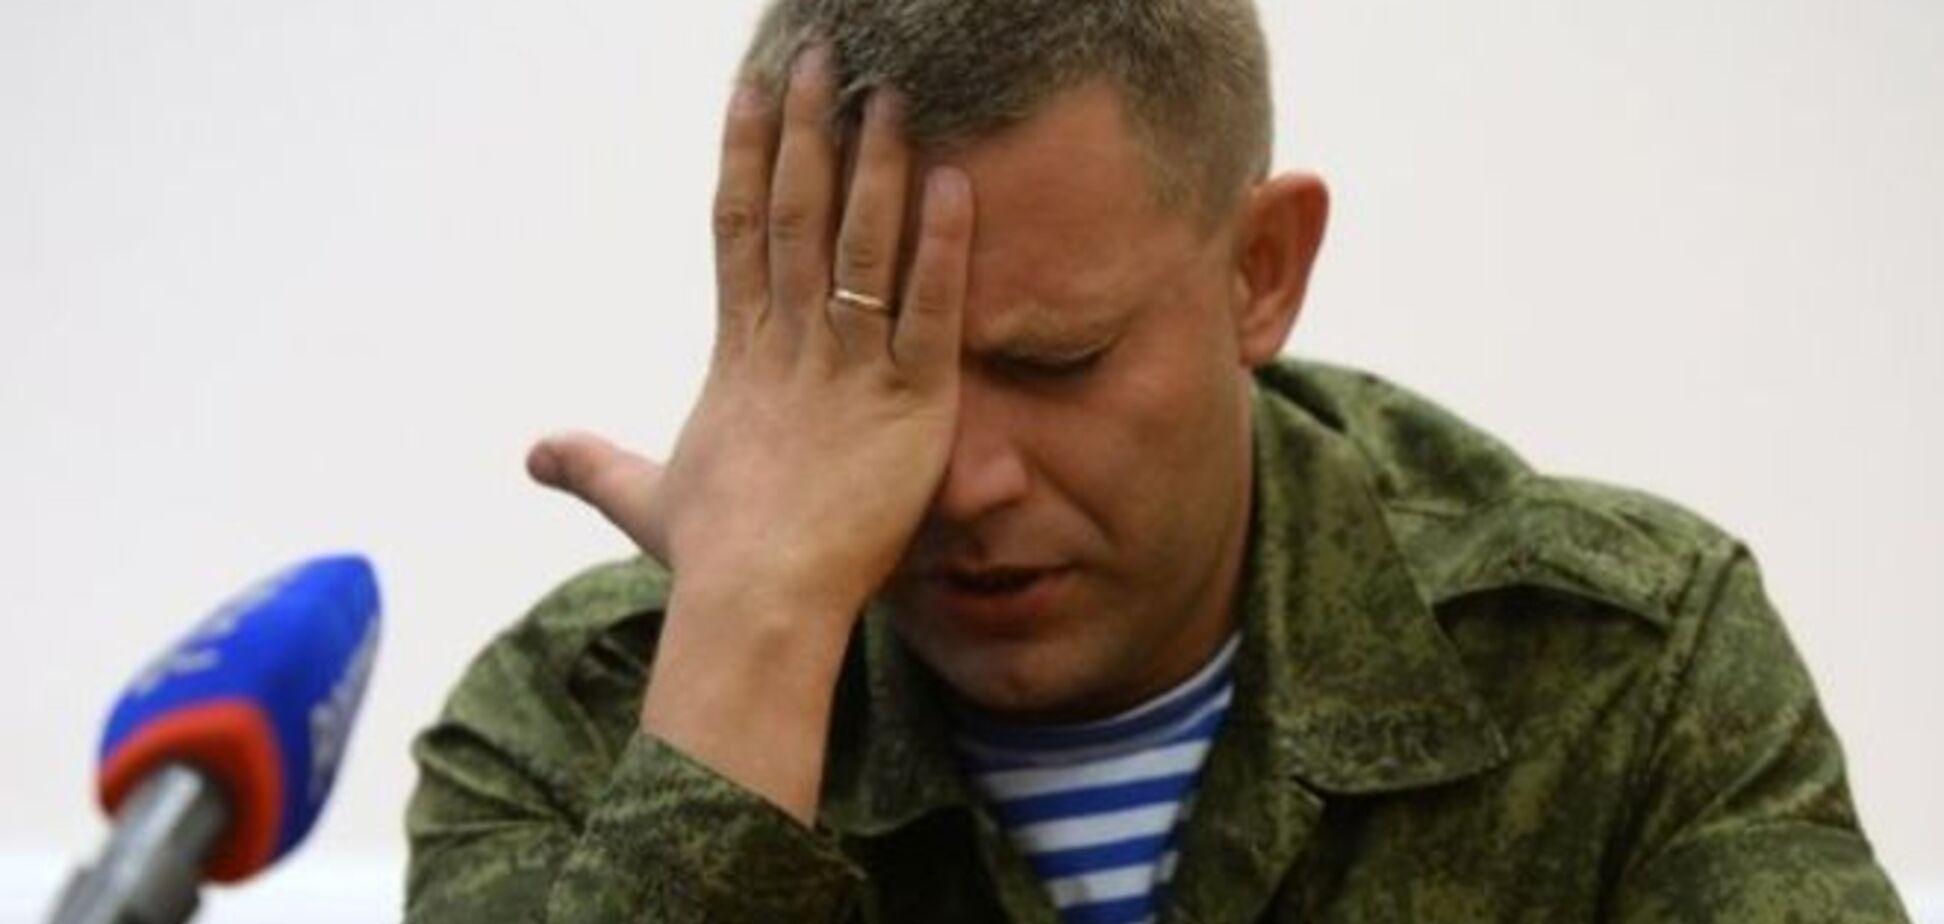 Боевики уличили своего 'мэра' Новоазовска в хищении гуманитарной помощи